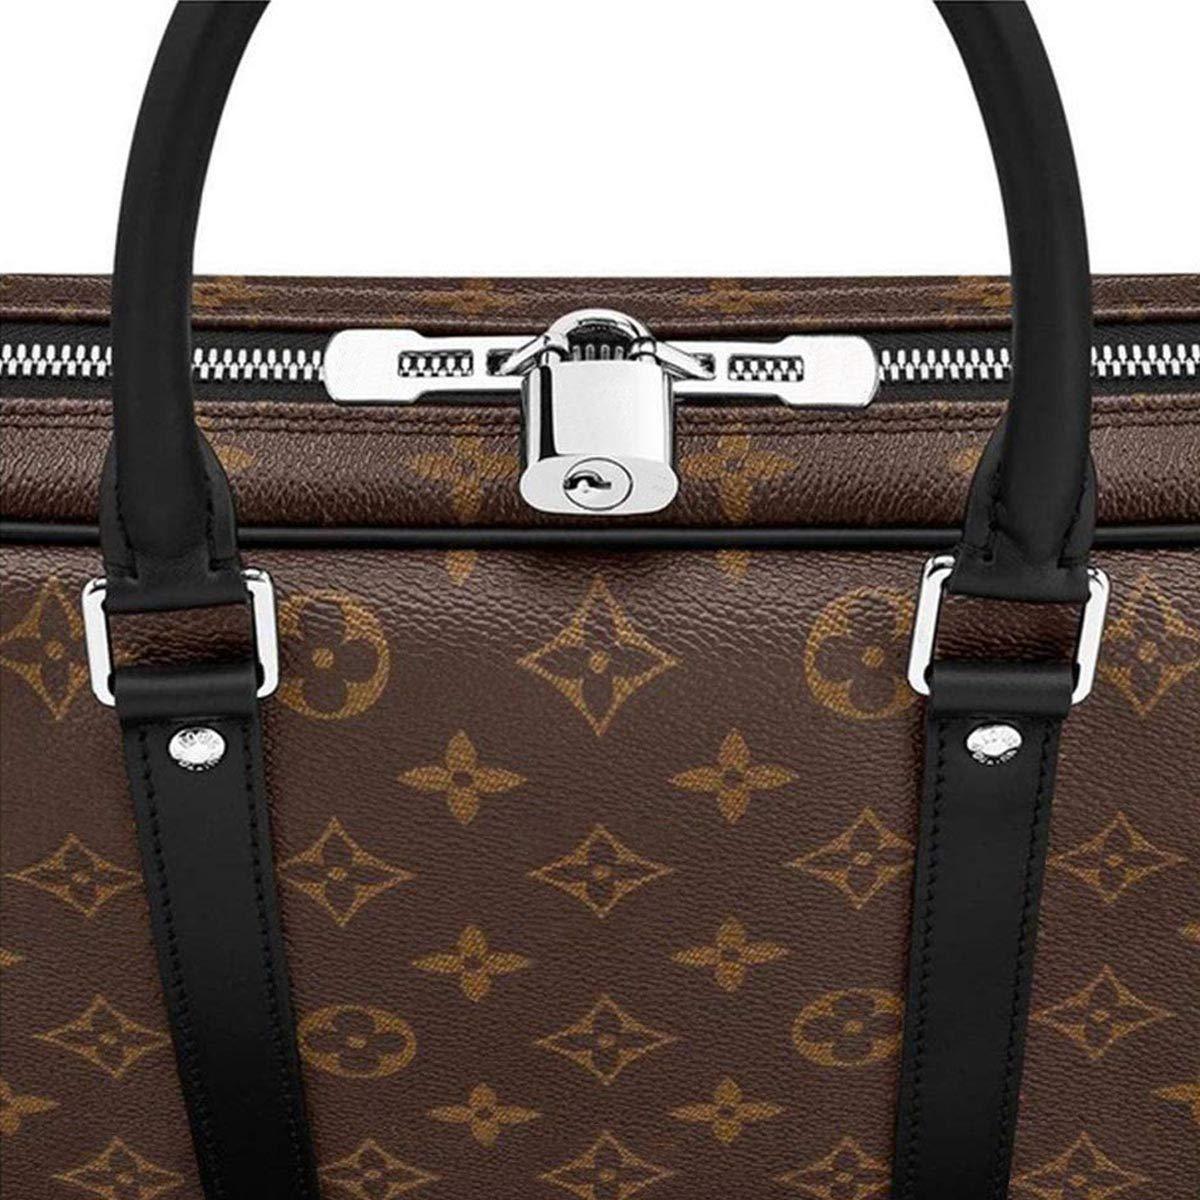 977e66488aa0 Amazon.com  eLVe Monogram Macassar Canvas Porte-Documents Voyage PM  Briefcase Laptop Bag Article  M52005  Shoes